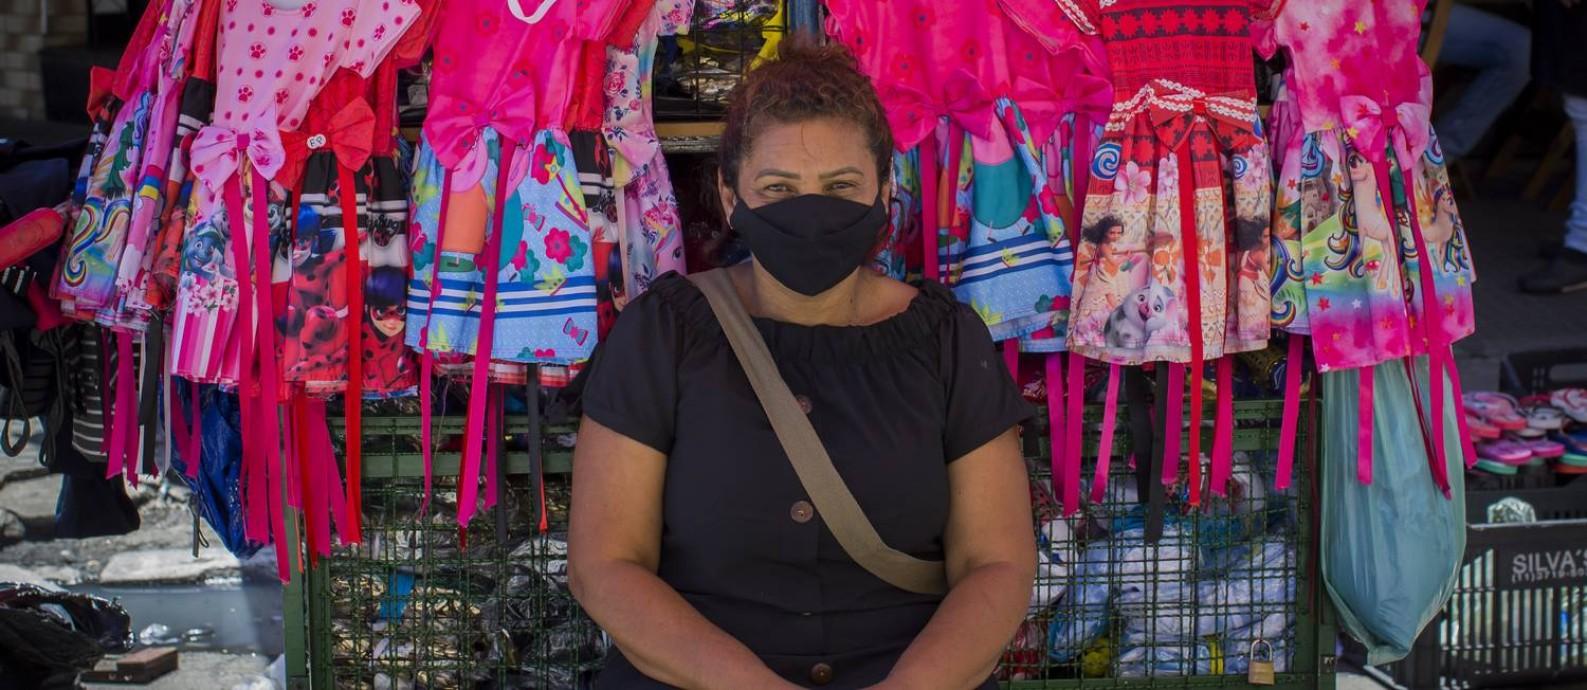 Margarida Ramos vende fantasias infantis no centro de São Paulo e, aos 52 anos, apesar da pandemia e dos riscos de contágio, ela continua montando sua barraca em uma das regiões mais tradicionais do comércio ambulante na cidade. Foto: Edilson Dantas / Agência O Globo